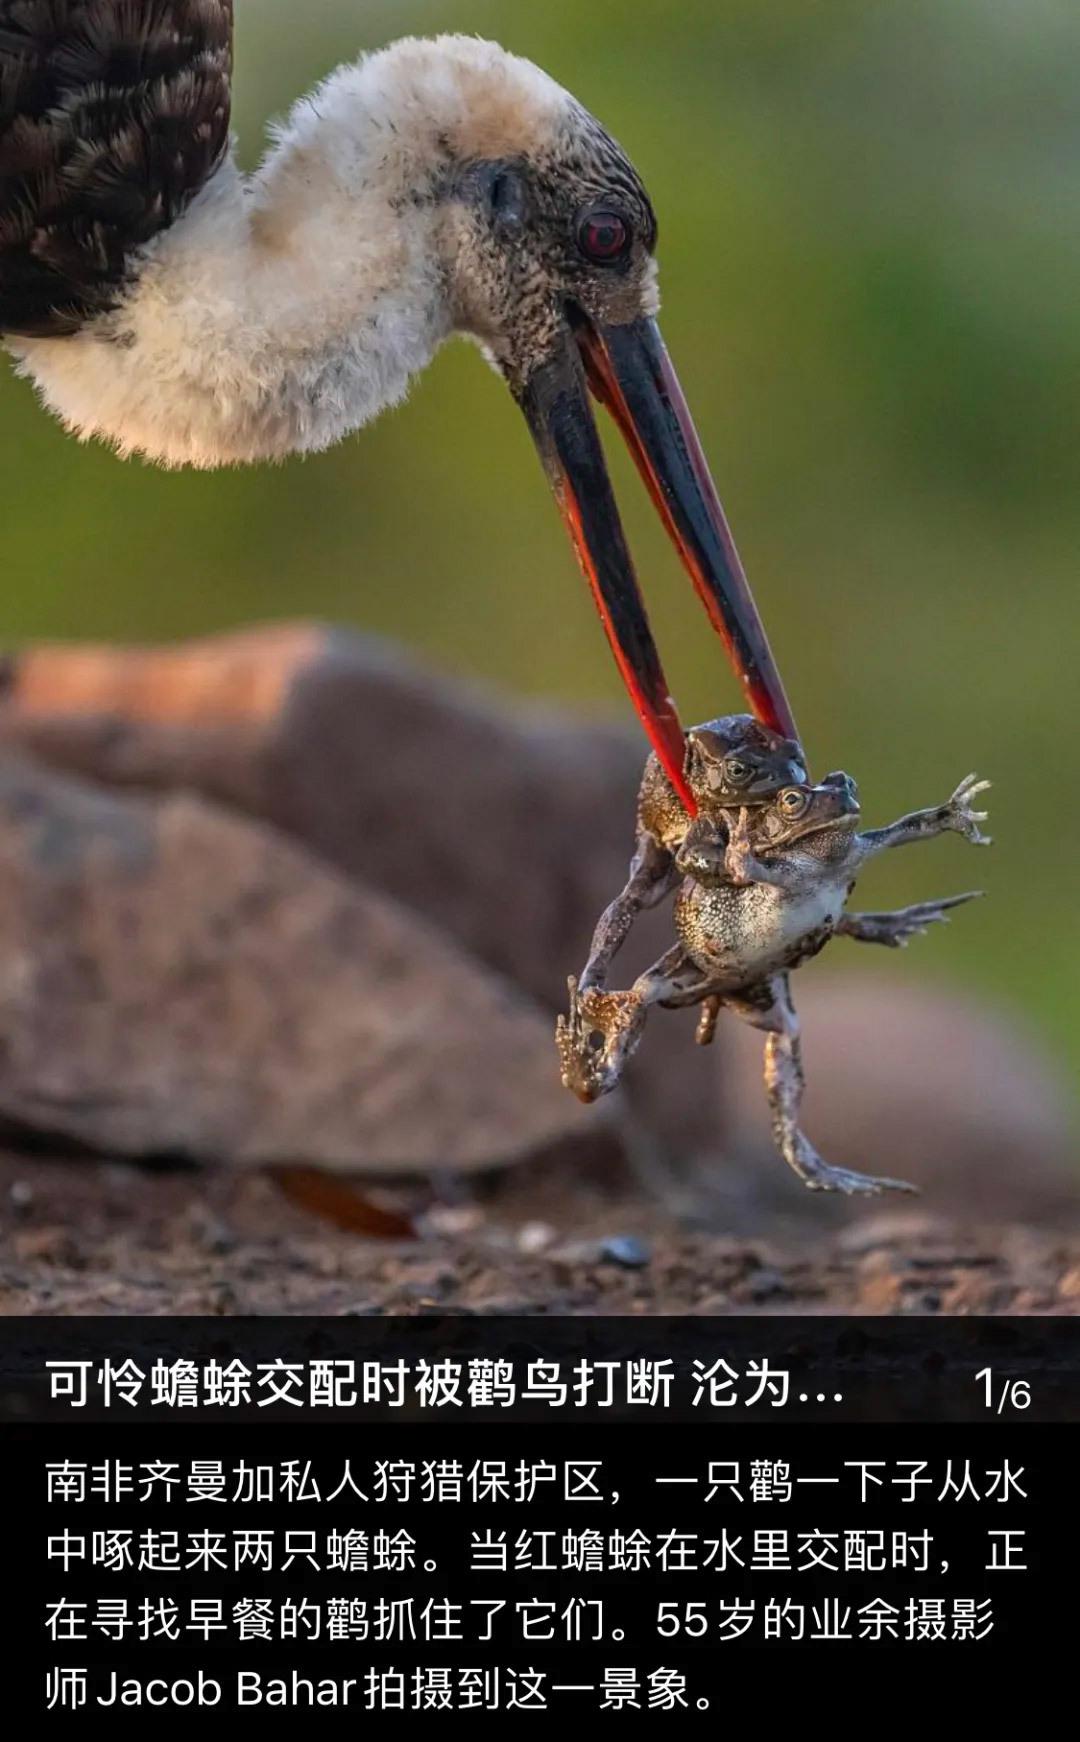 可怜蟾蜍交配时被鹳鸟打断沦为猎物